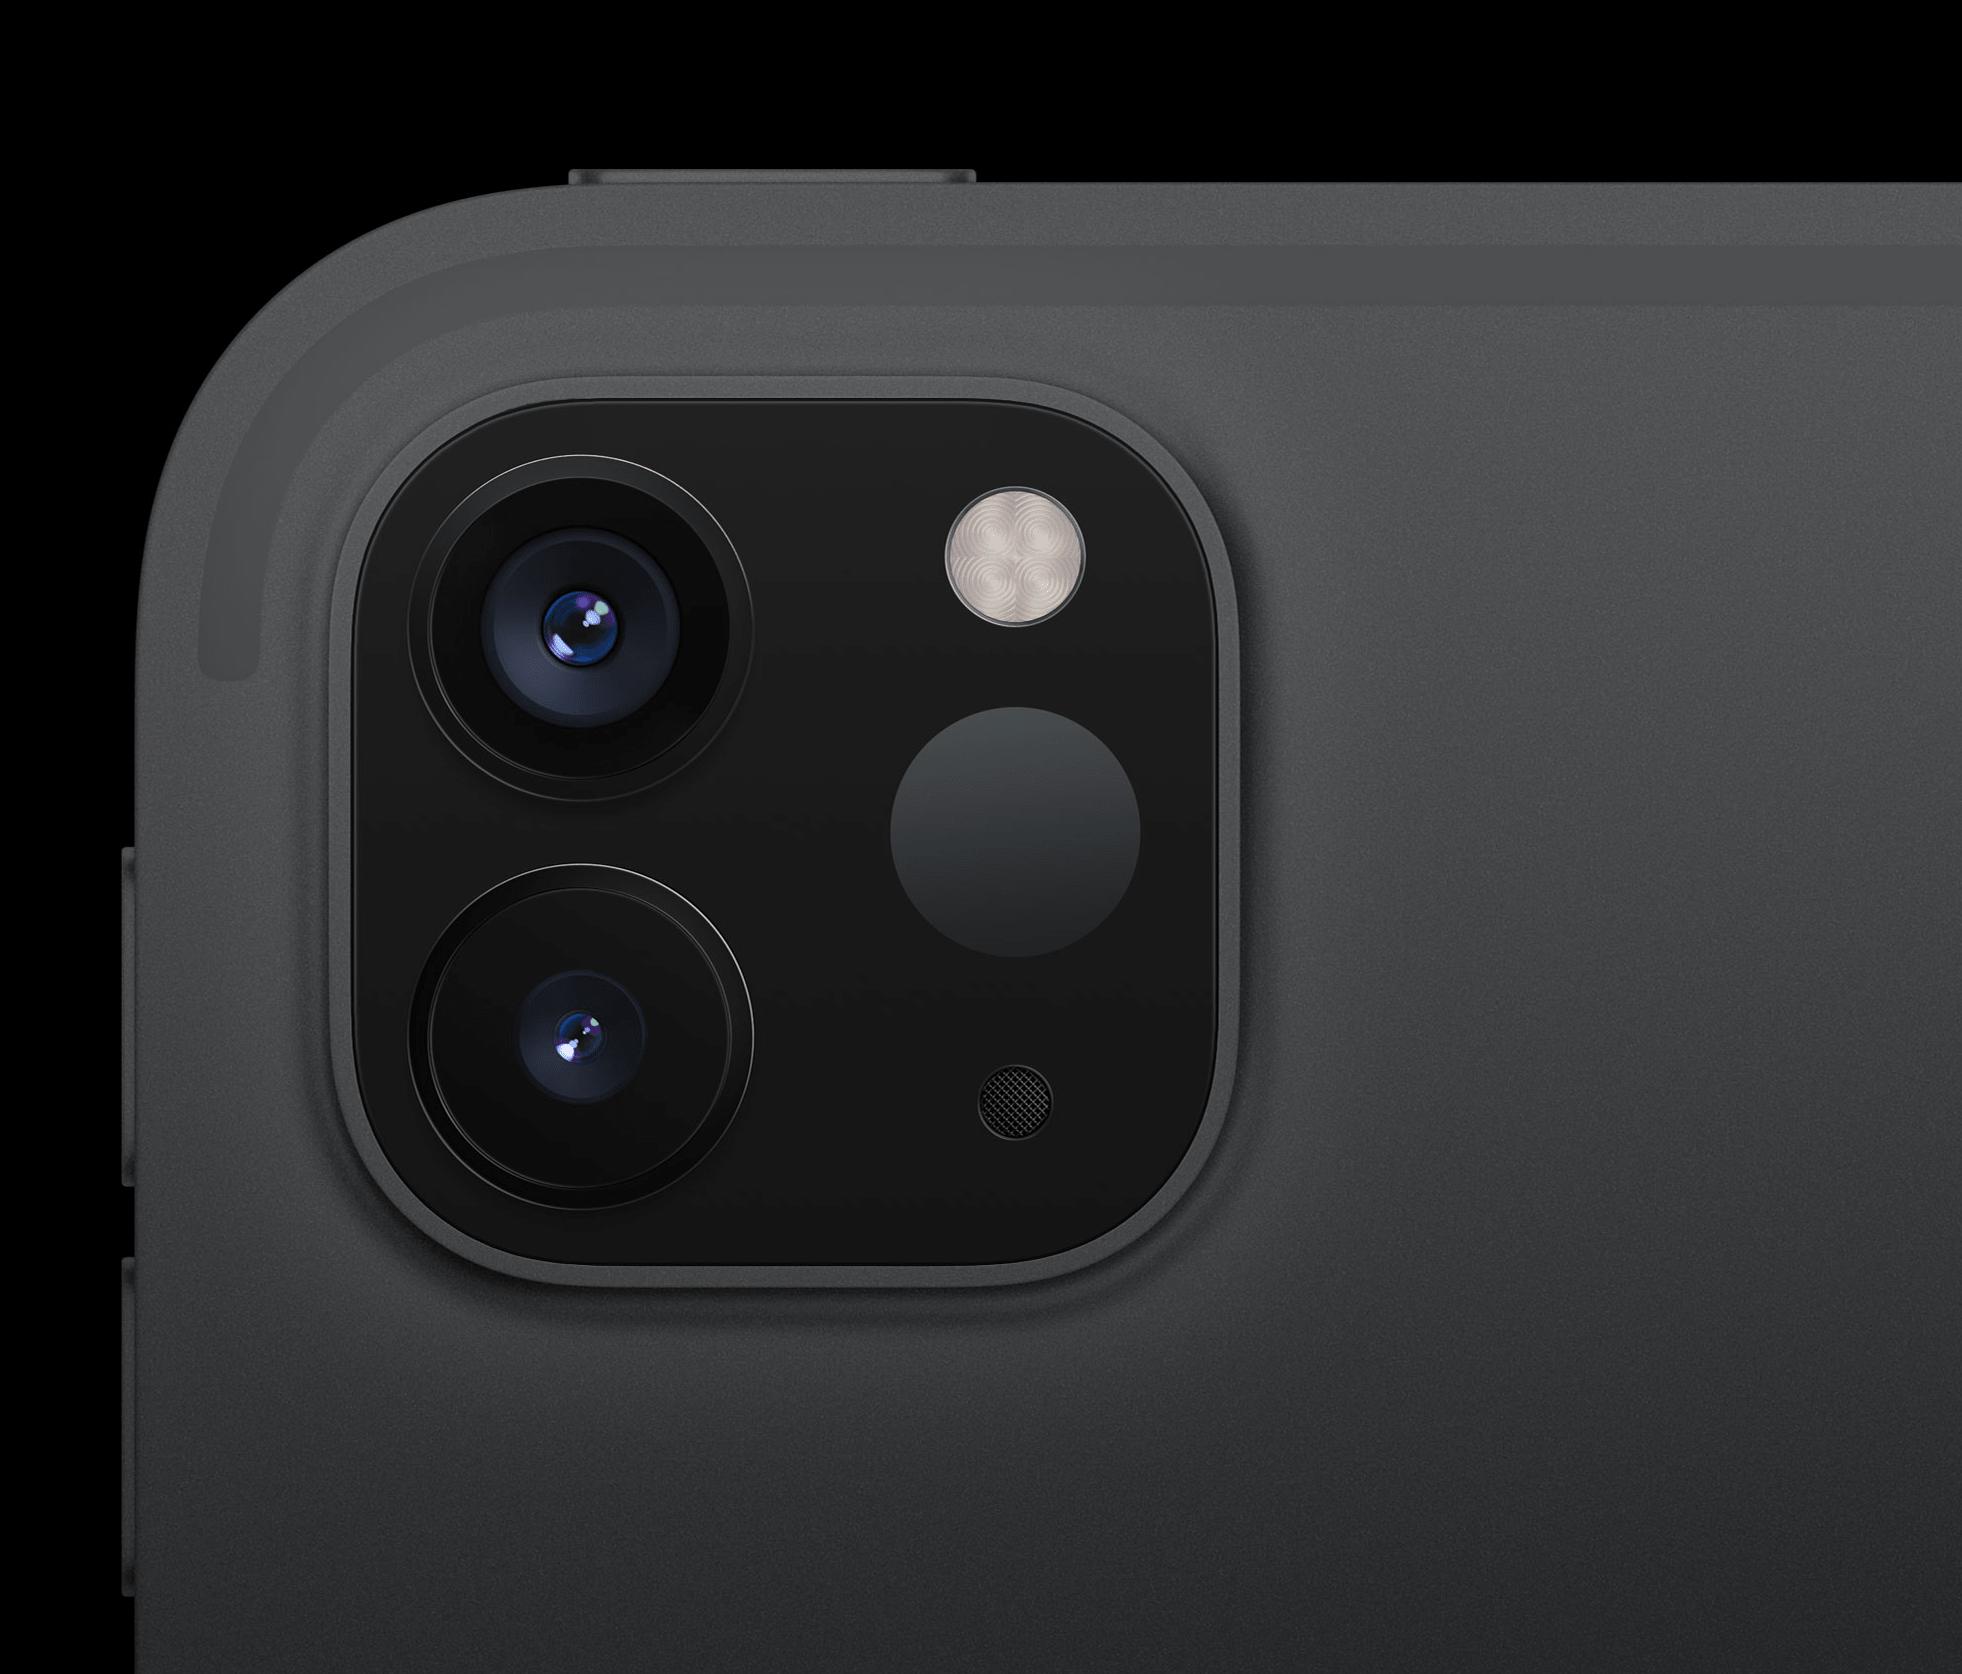 iPhone 12 batera 4 lentillak eta 1 LIDAR.  Batekin zer?